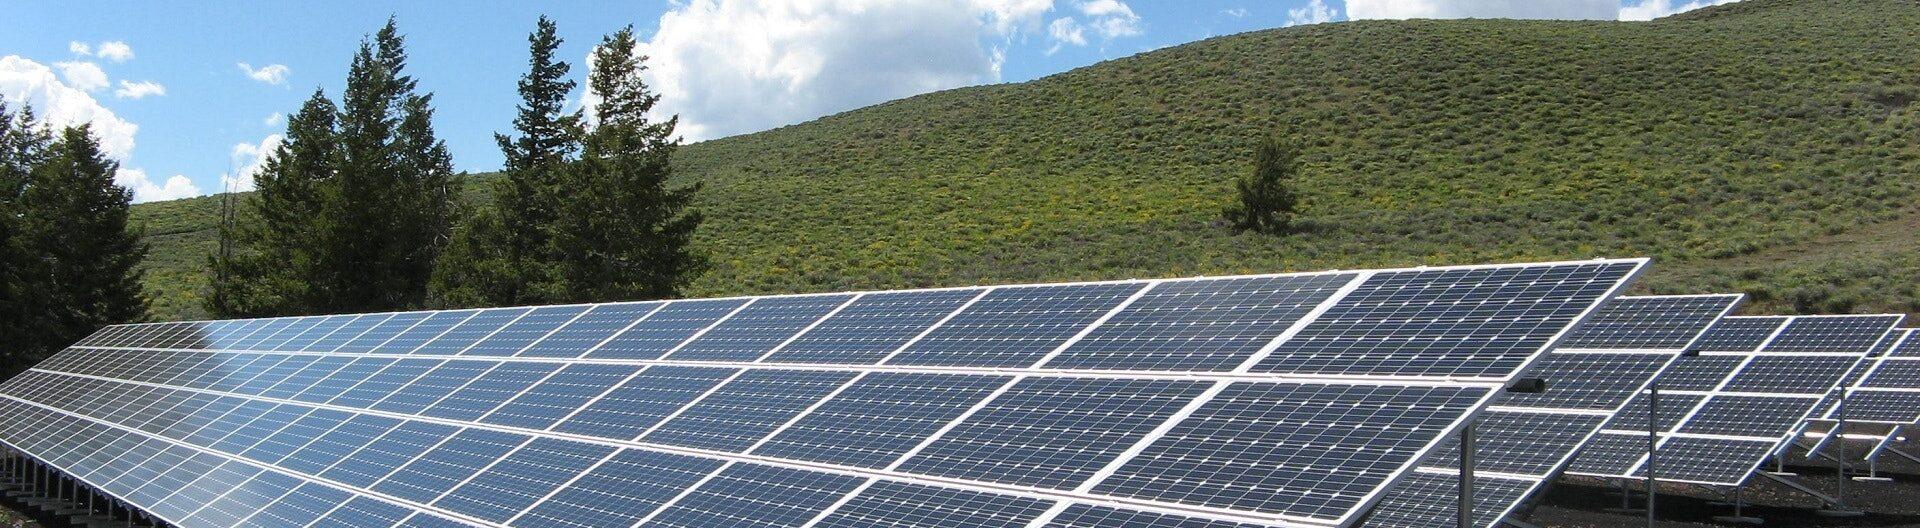 5 Benefícios Que o Uso da Energia Solar Pode Trazer Para as Empresas